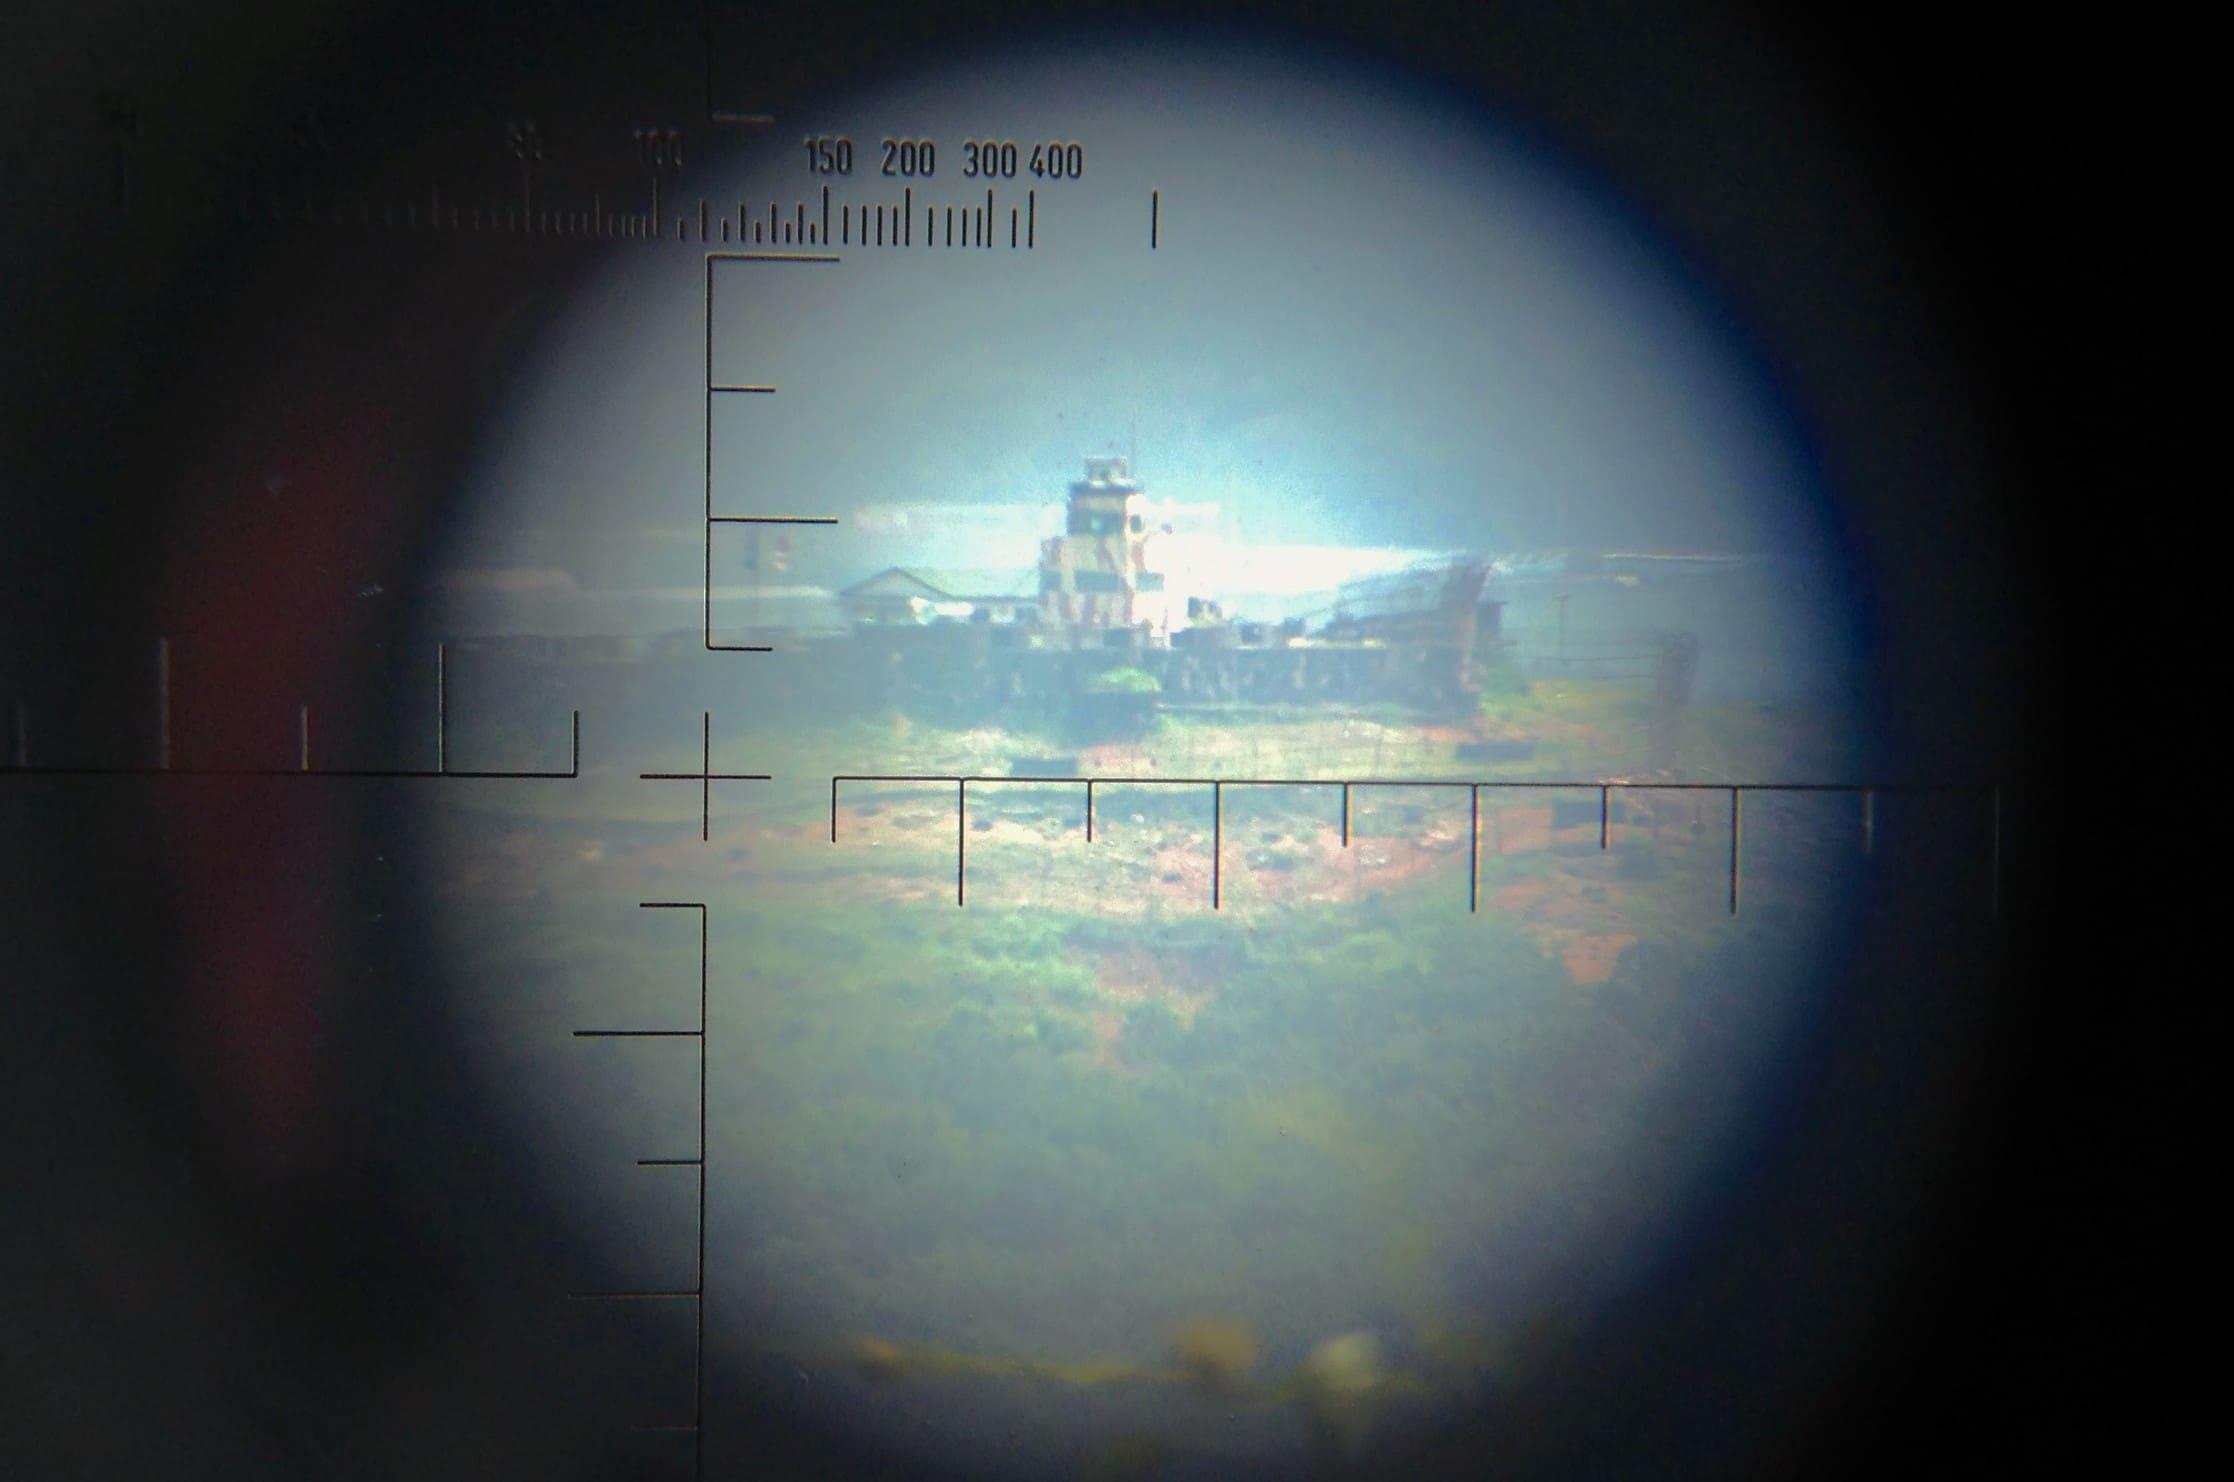 DMZ in North Korea